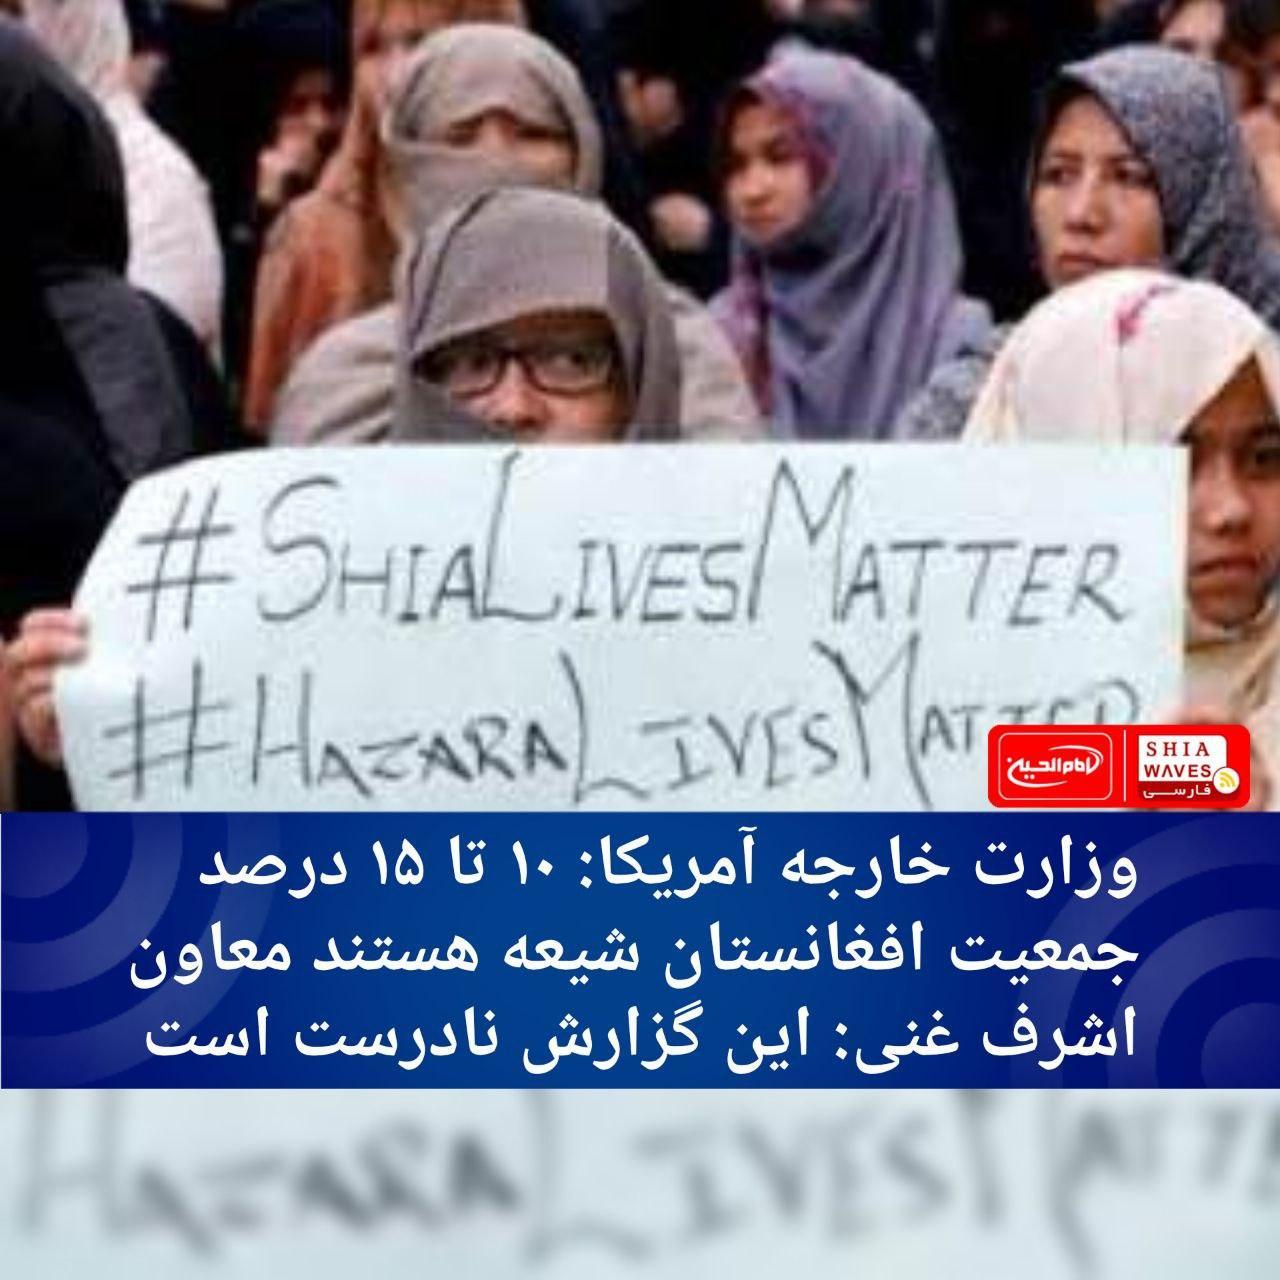 تصویر وزارت خارجه آمریکا: ۱۰ تا ۱۵ درصد جمعیت افغانستان شیعه هستند/ معاون اشرف غنی: این گزارش نادرست است